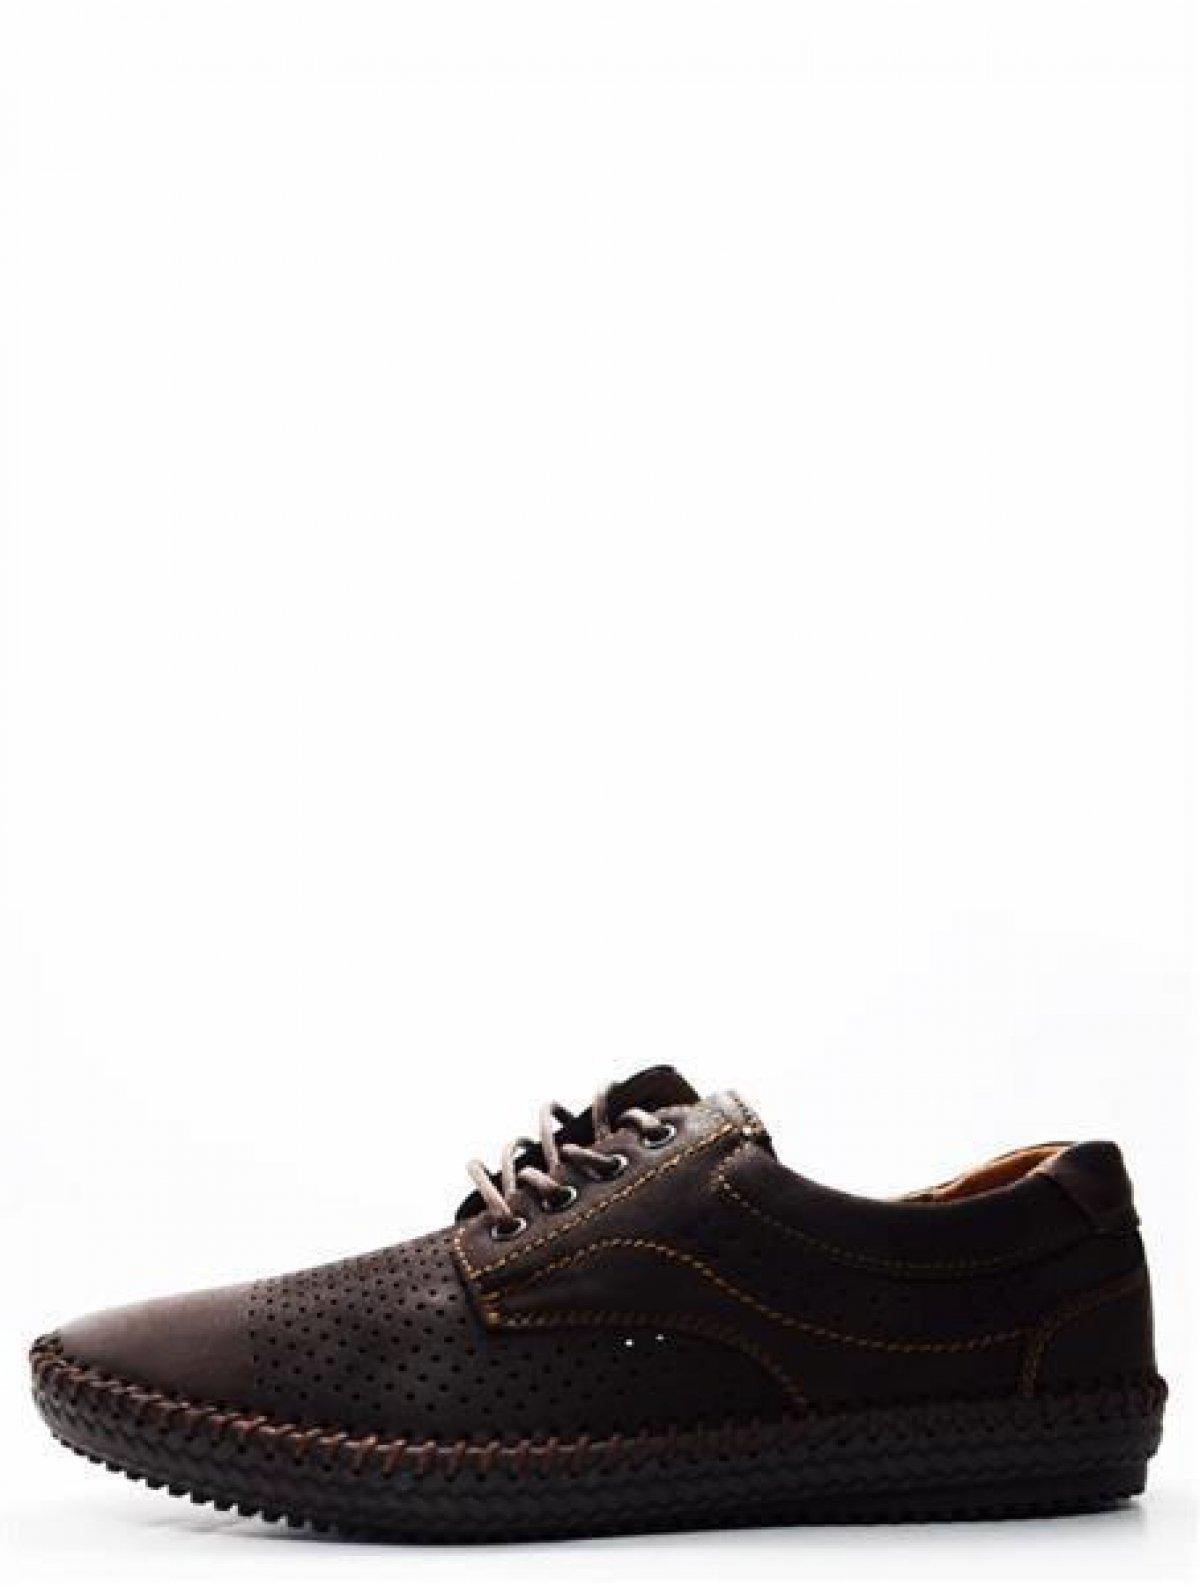 617677-5 туфли мужские